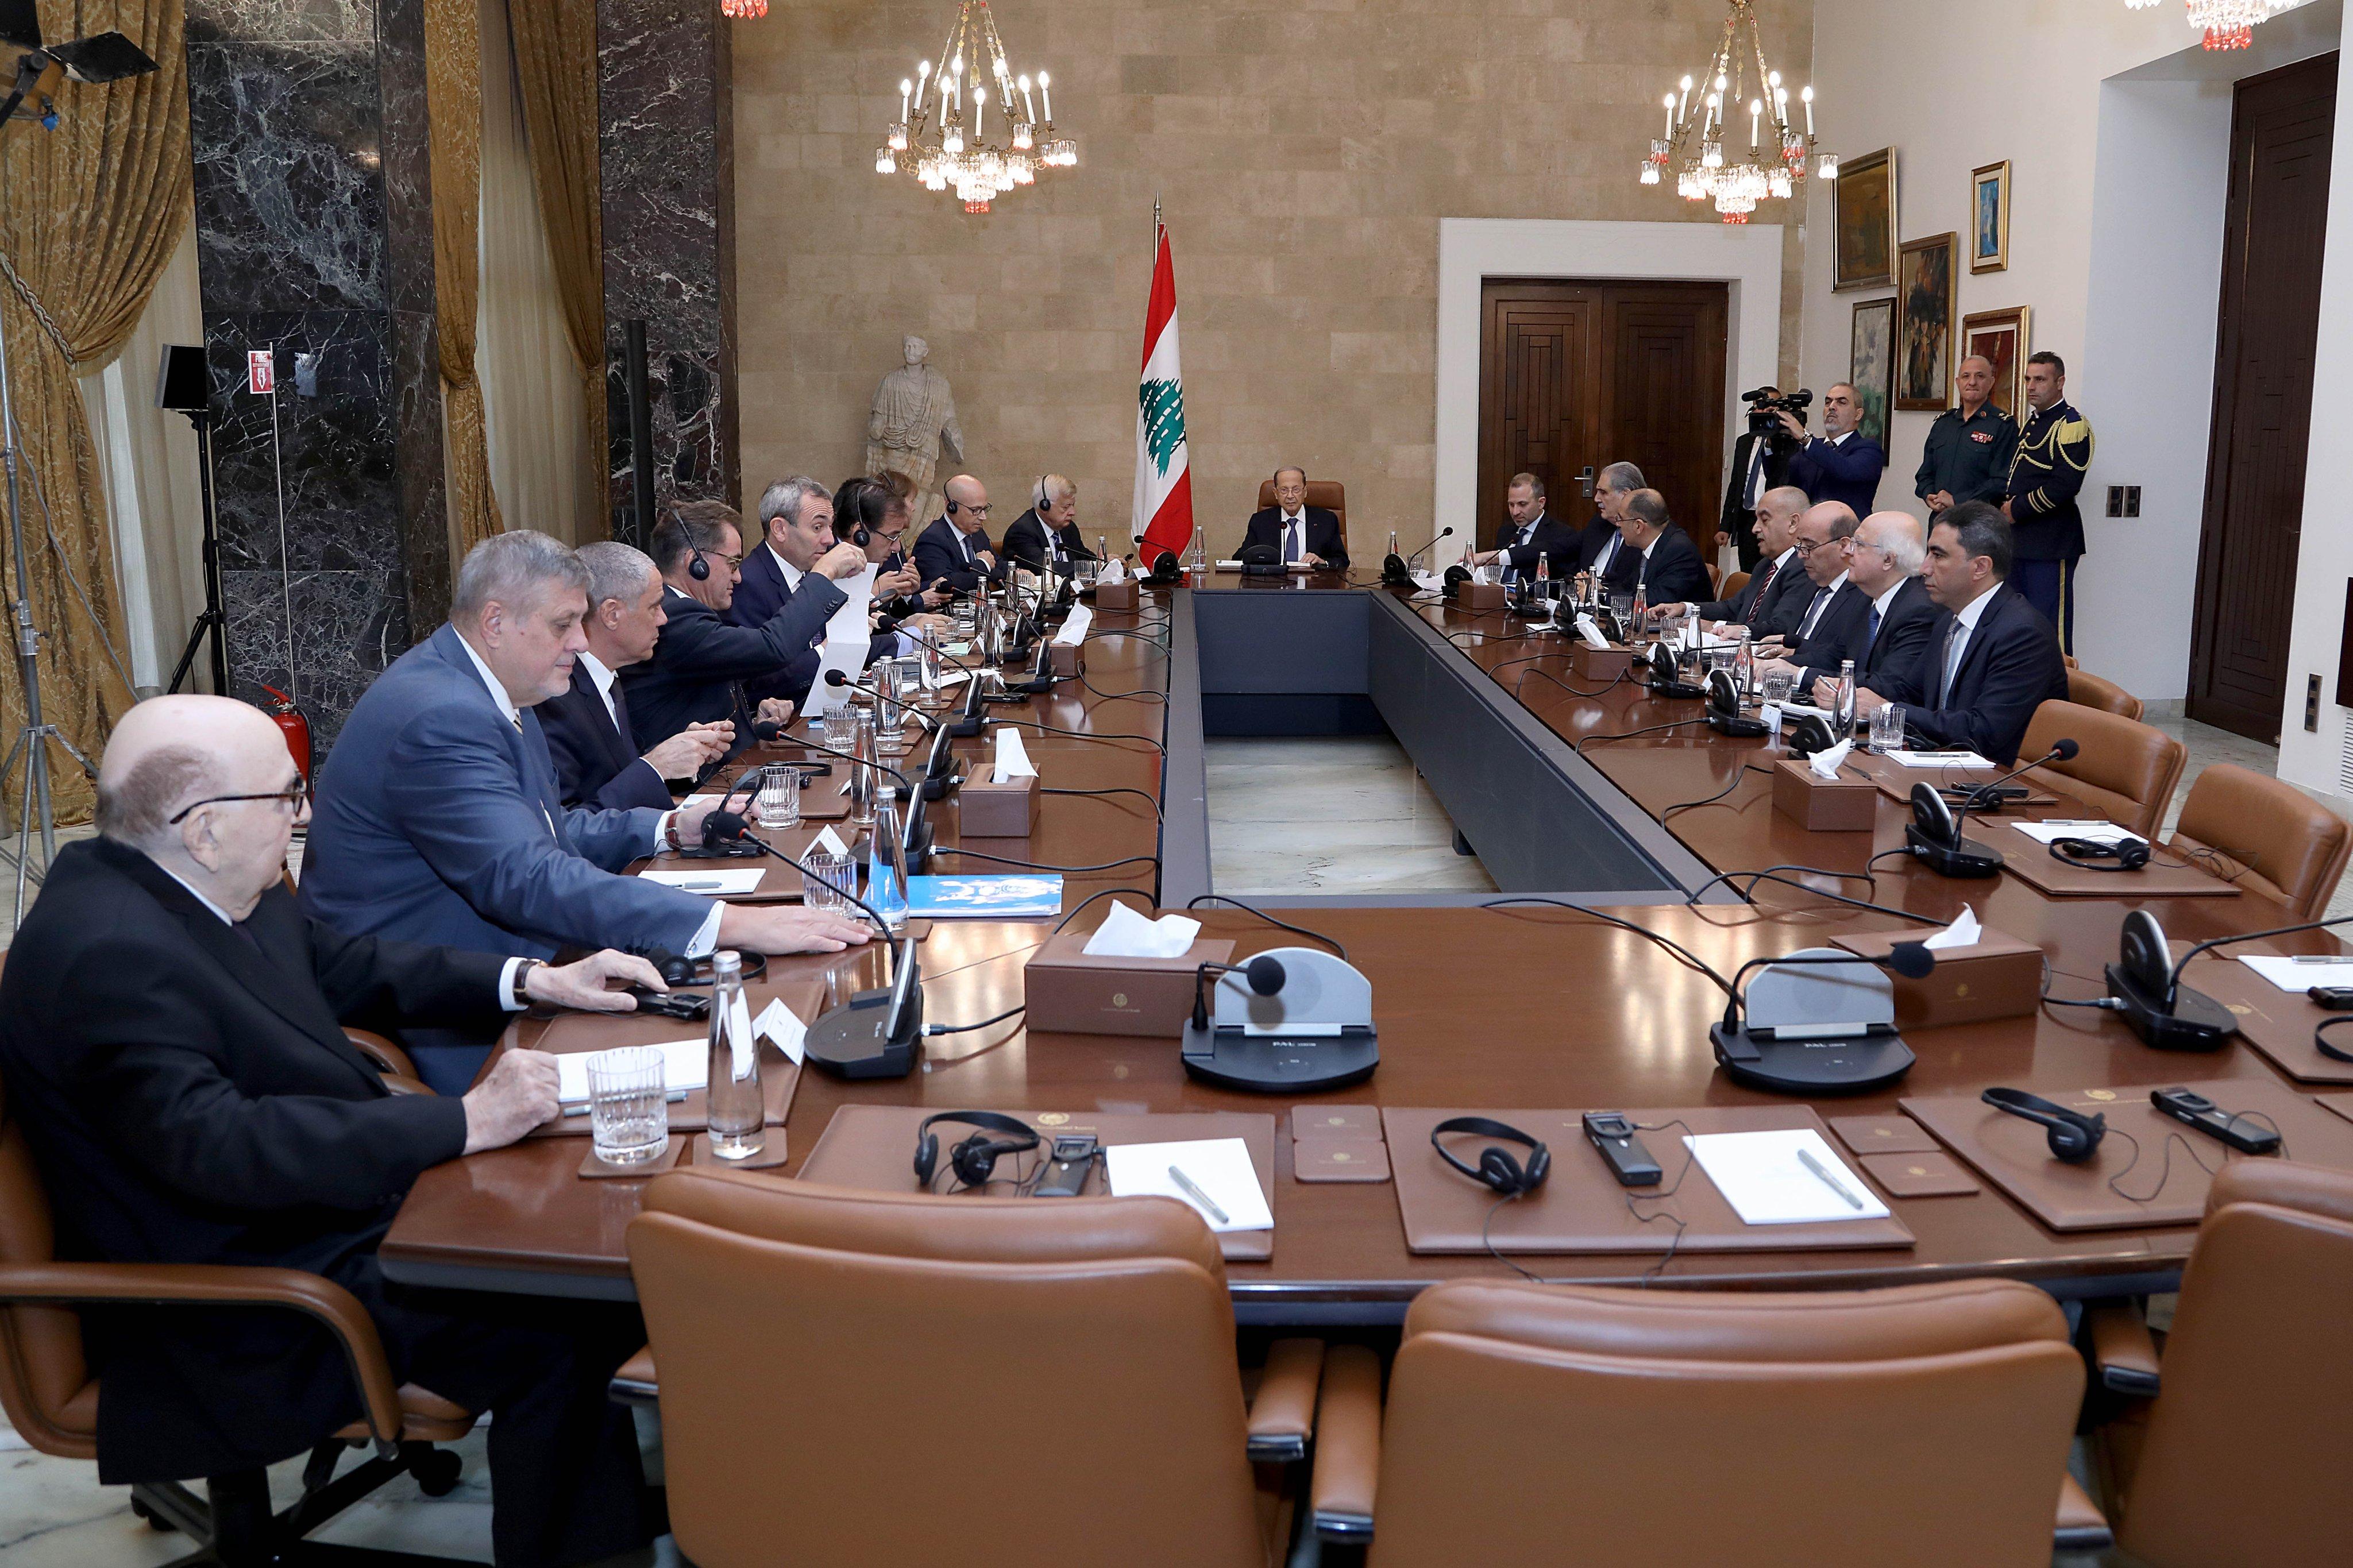 الرئيس عون لسفراء مجموعة الدعم الدولية للبنان: ستكون هناك قريبا جدا حكومة للبنان تواكب الاصلاحات المقررة للأزمة القائمة